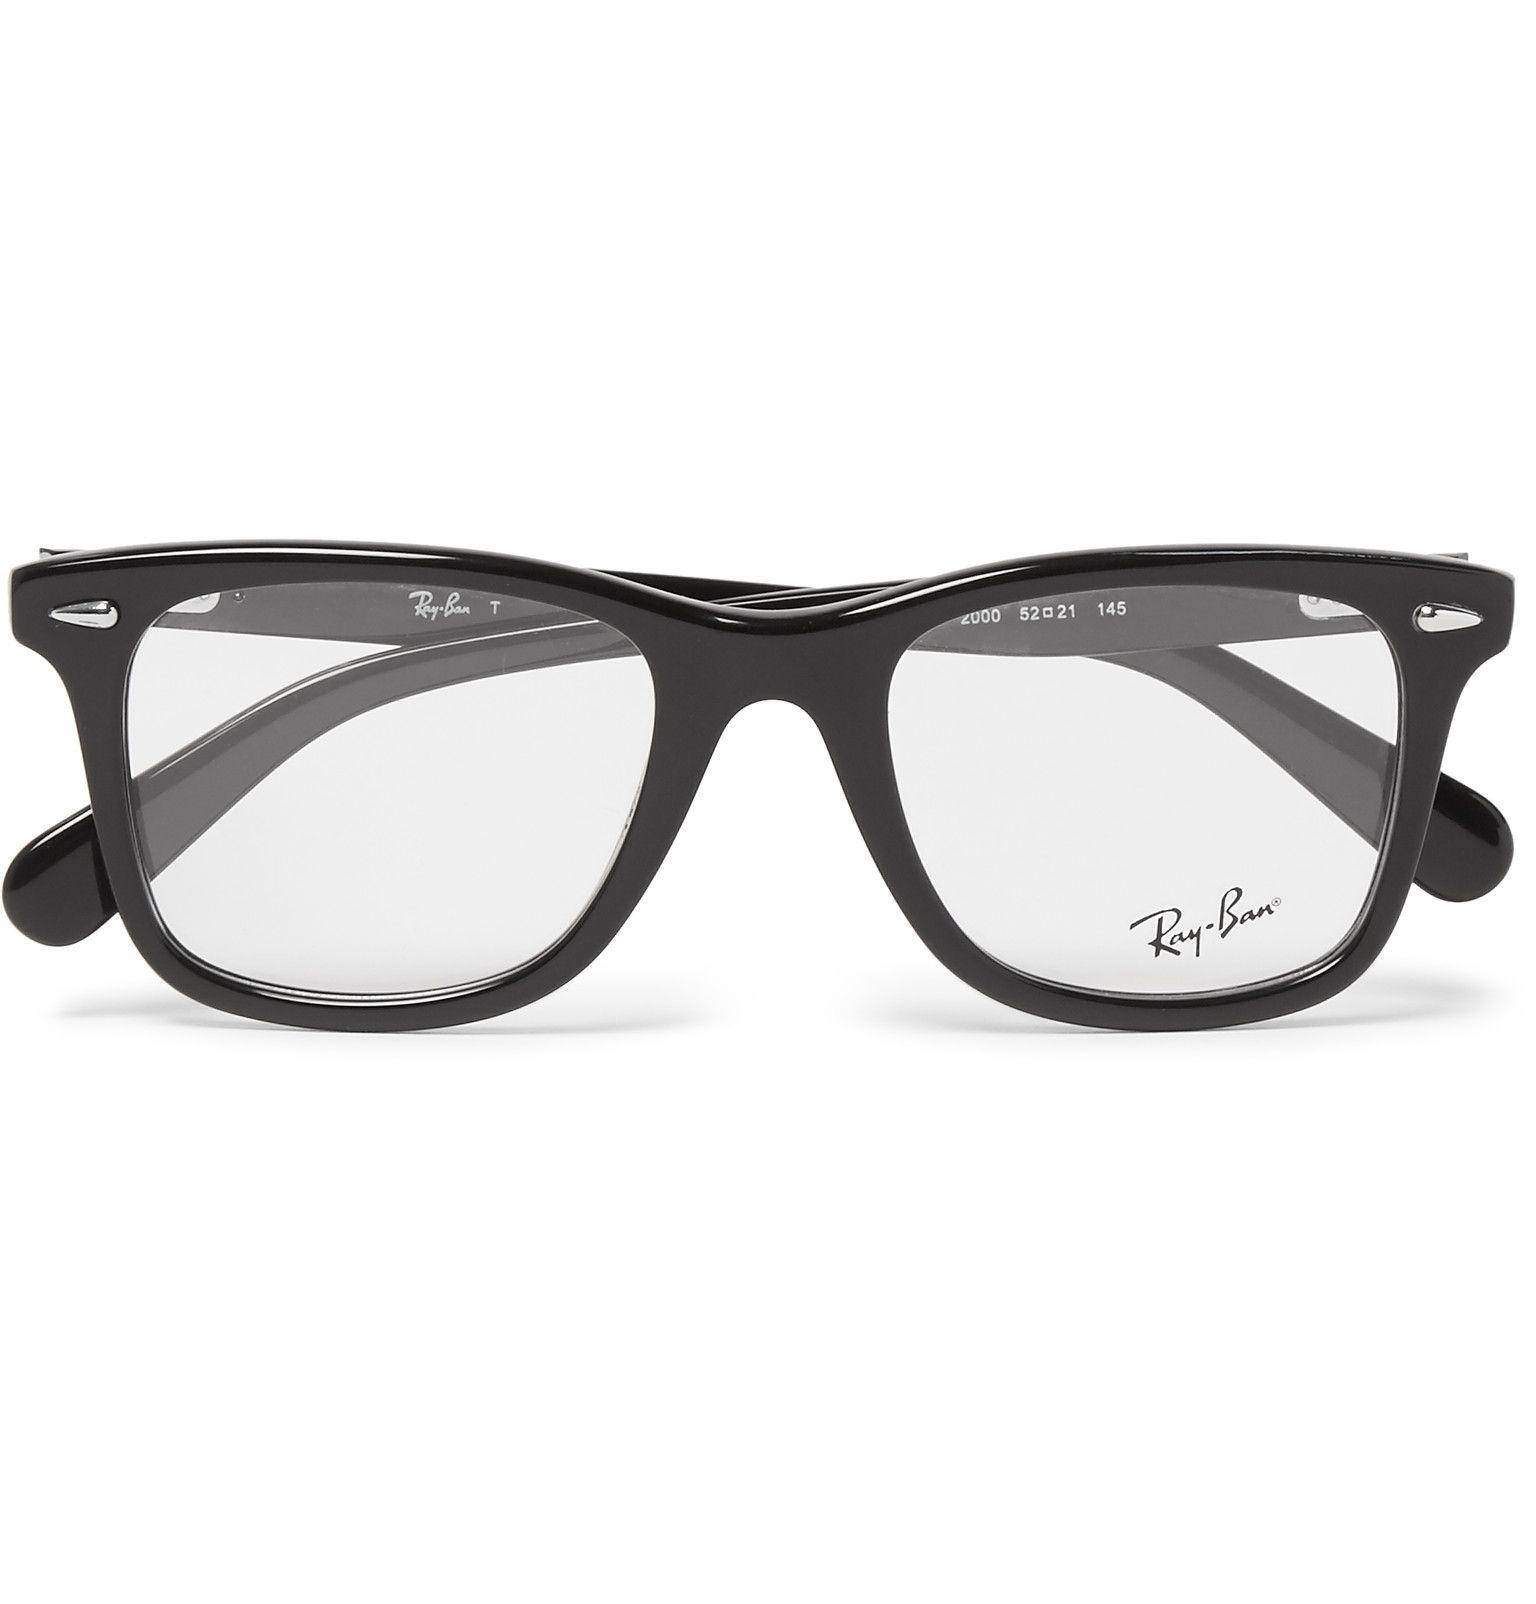 Herren Designer Brille In 2020 Sonnenbrille Brille Stil Brille